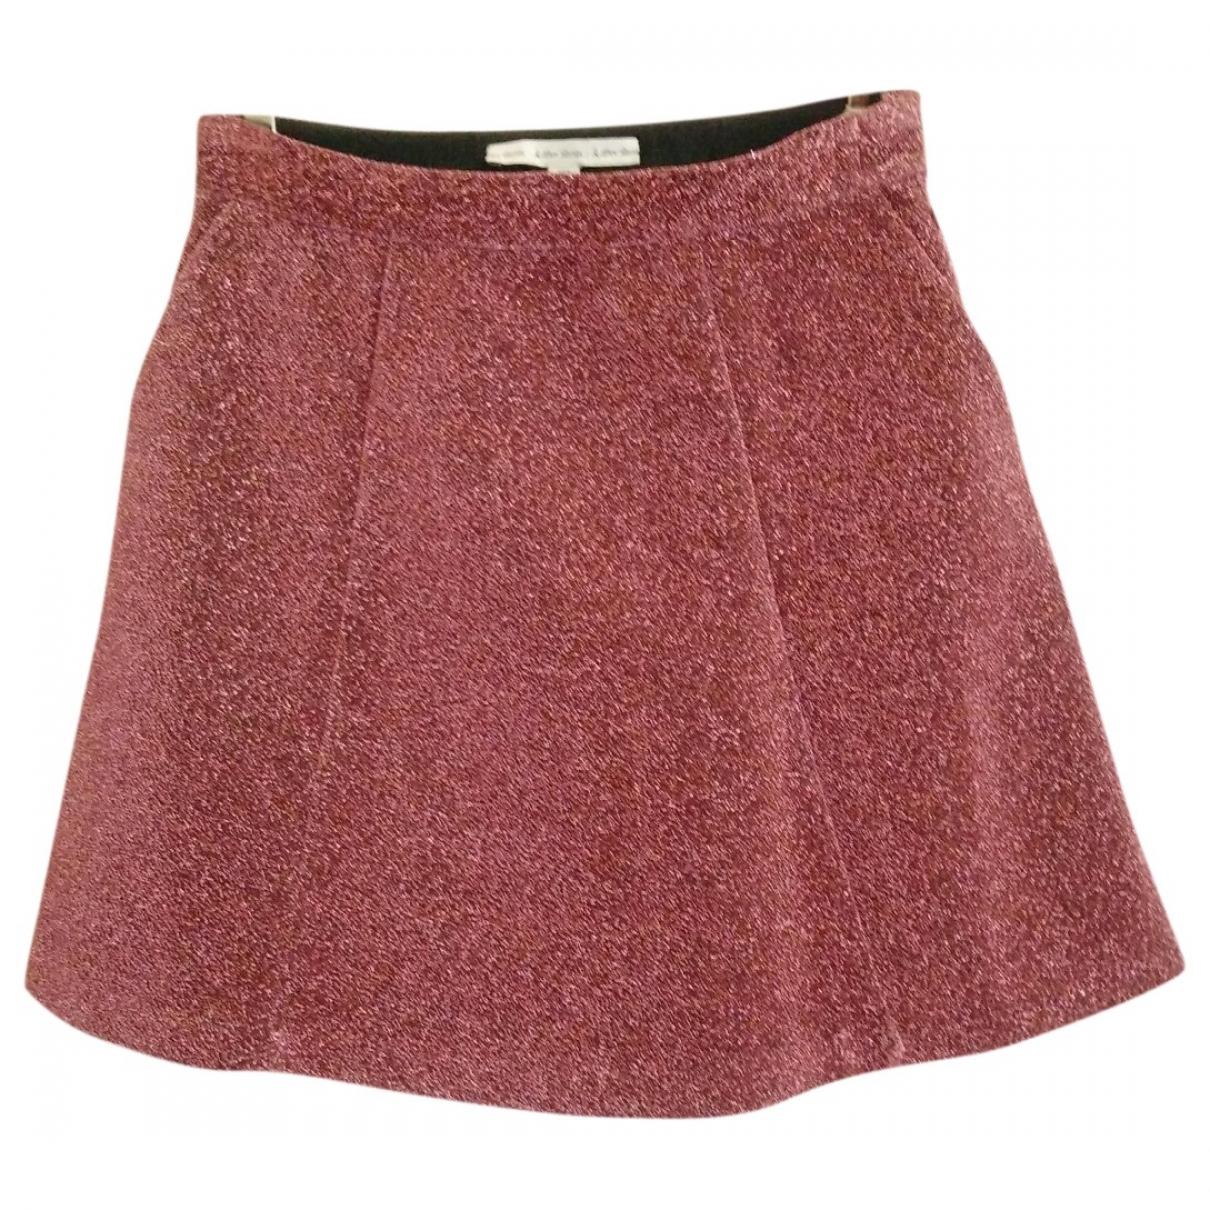 & Stories \N Pink Glitter skirt for Women M International